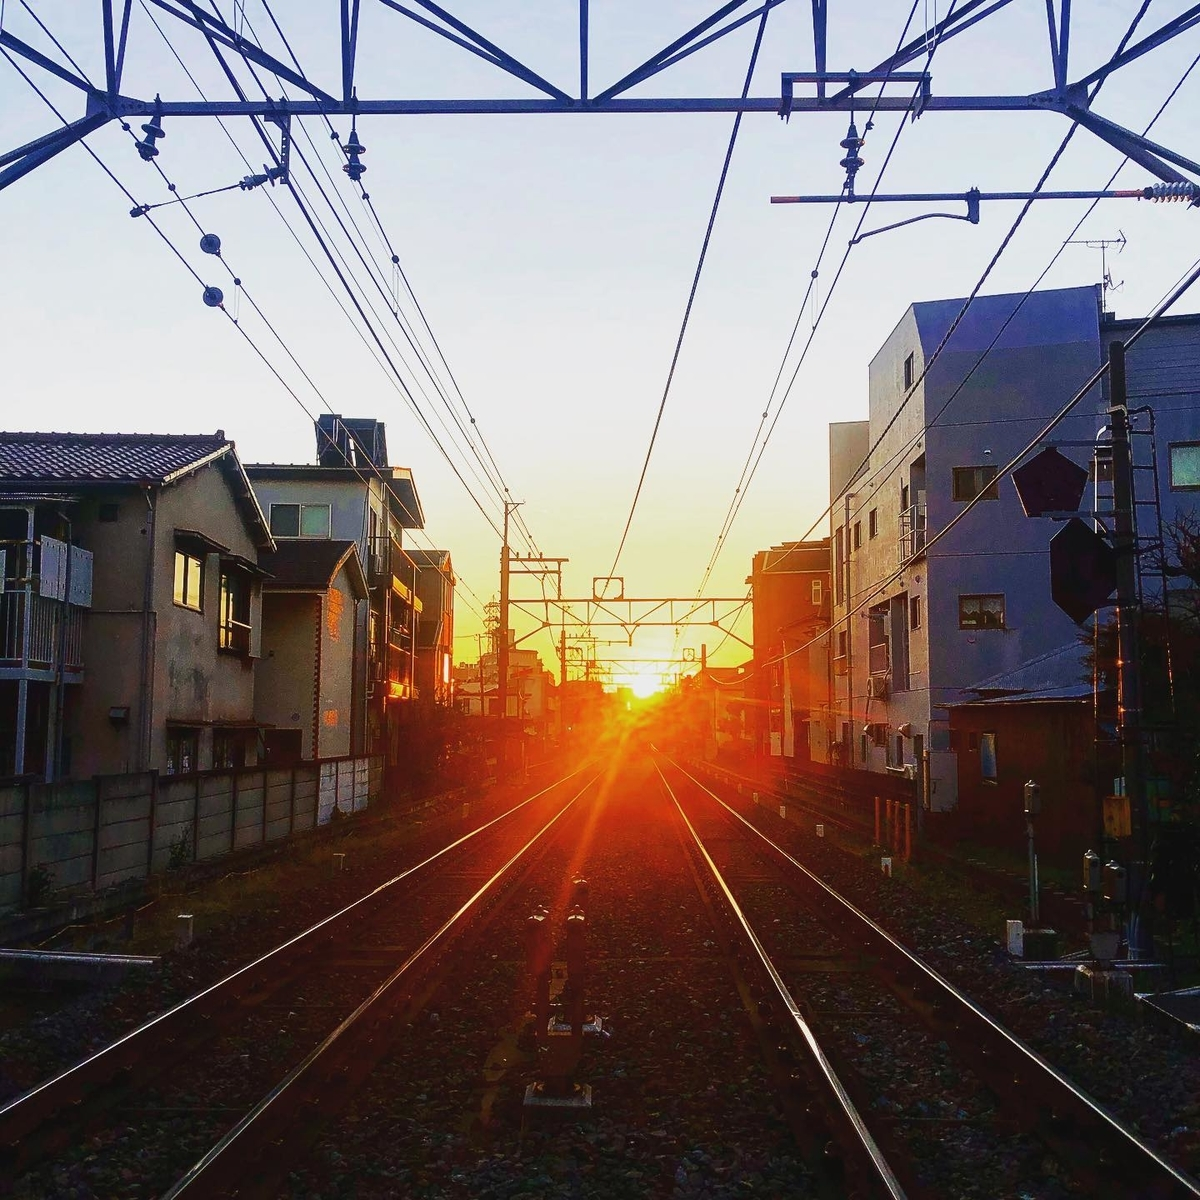 f:id:yasutaniwaki:20200202203615j:plain